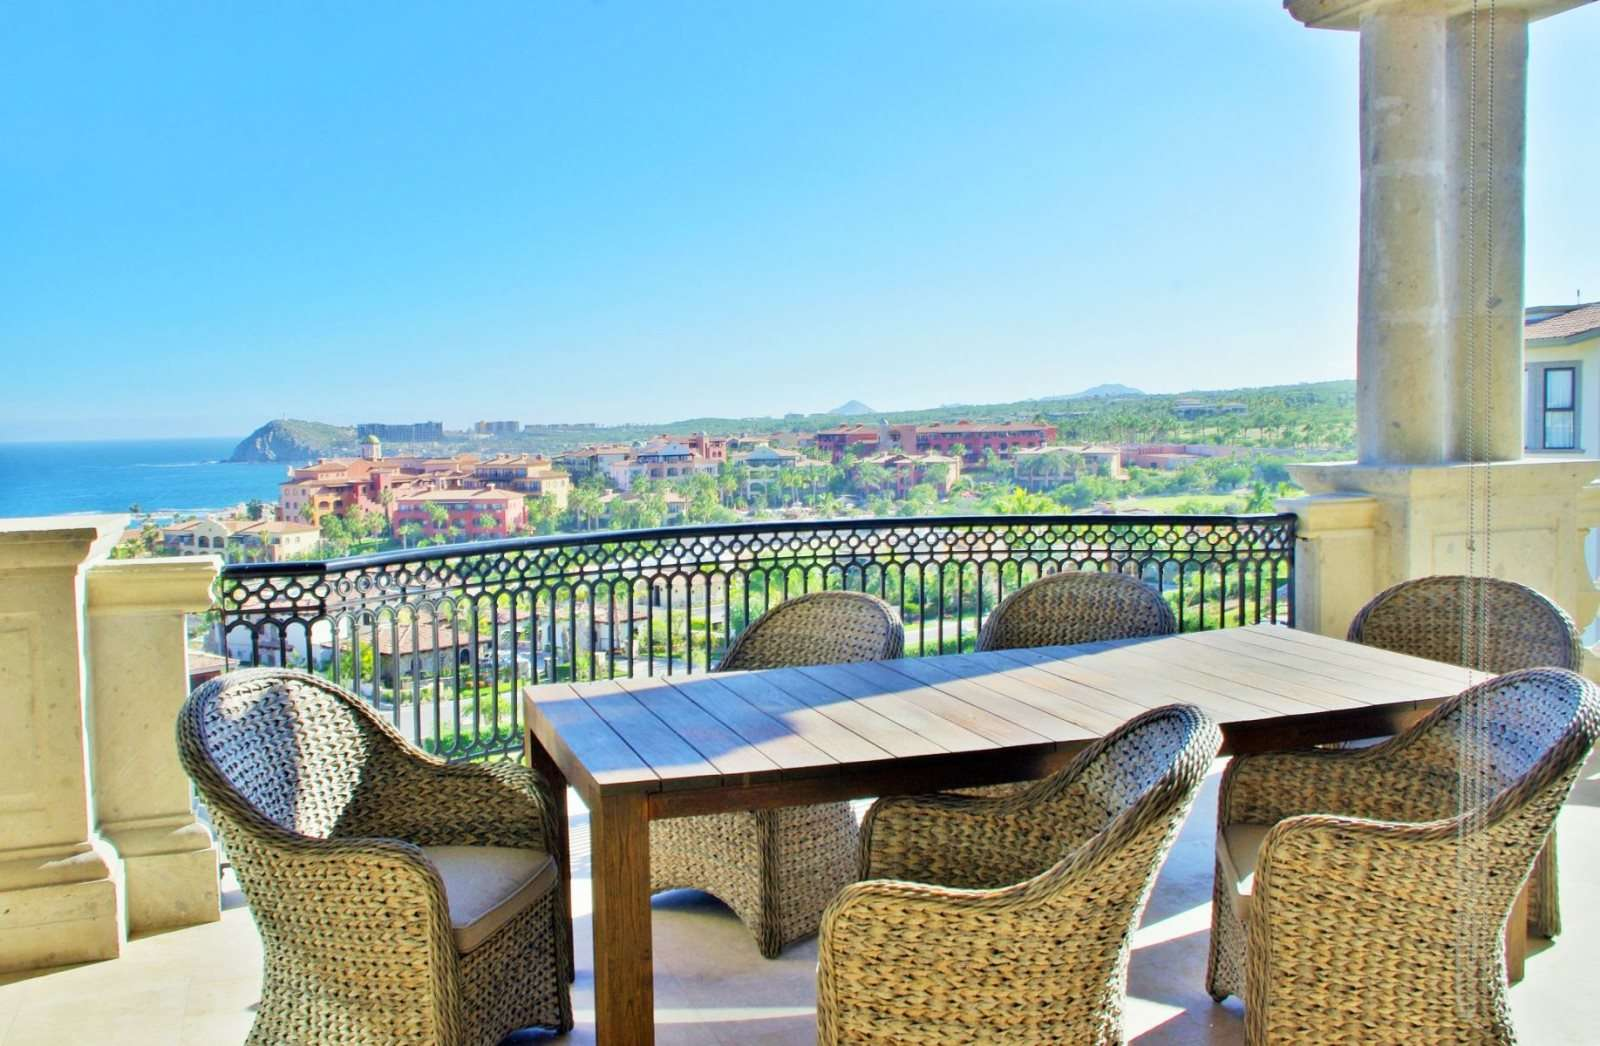 Luxury vacation rentals mexico - Los cabos - Cabo del sol - Casa de los Vientos Penthouse - Image 1/15